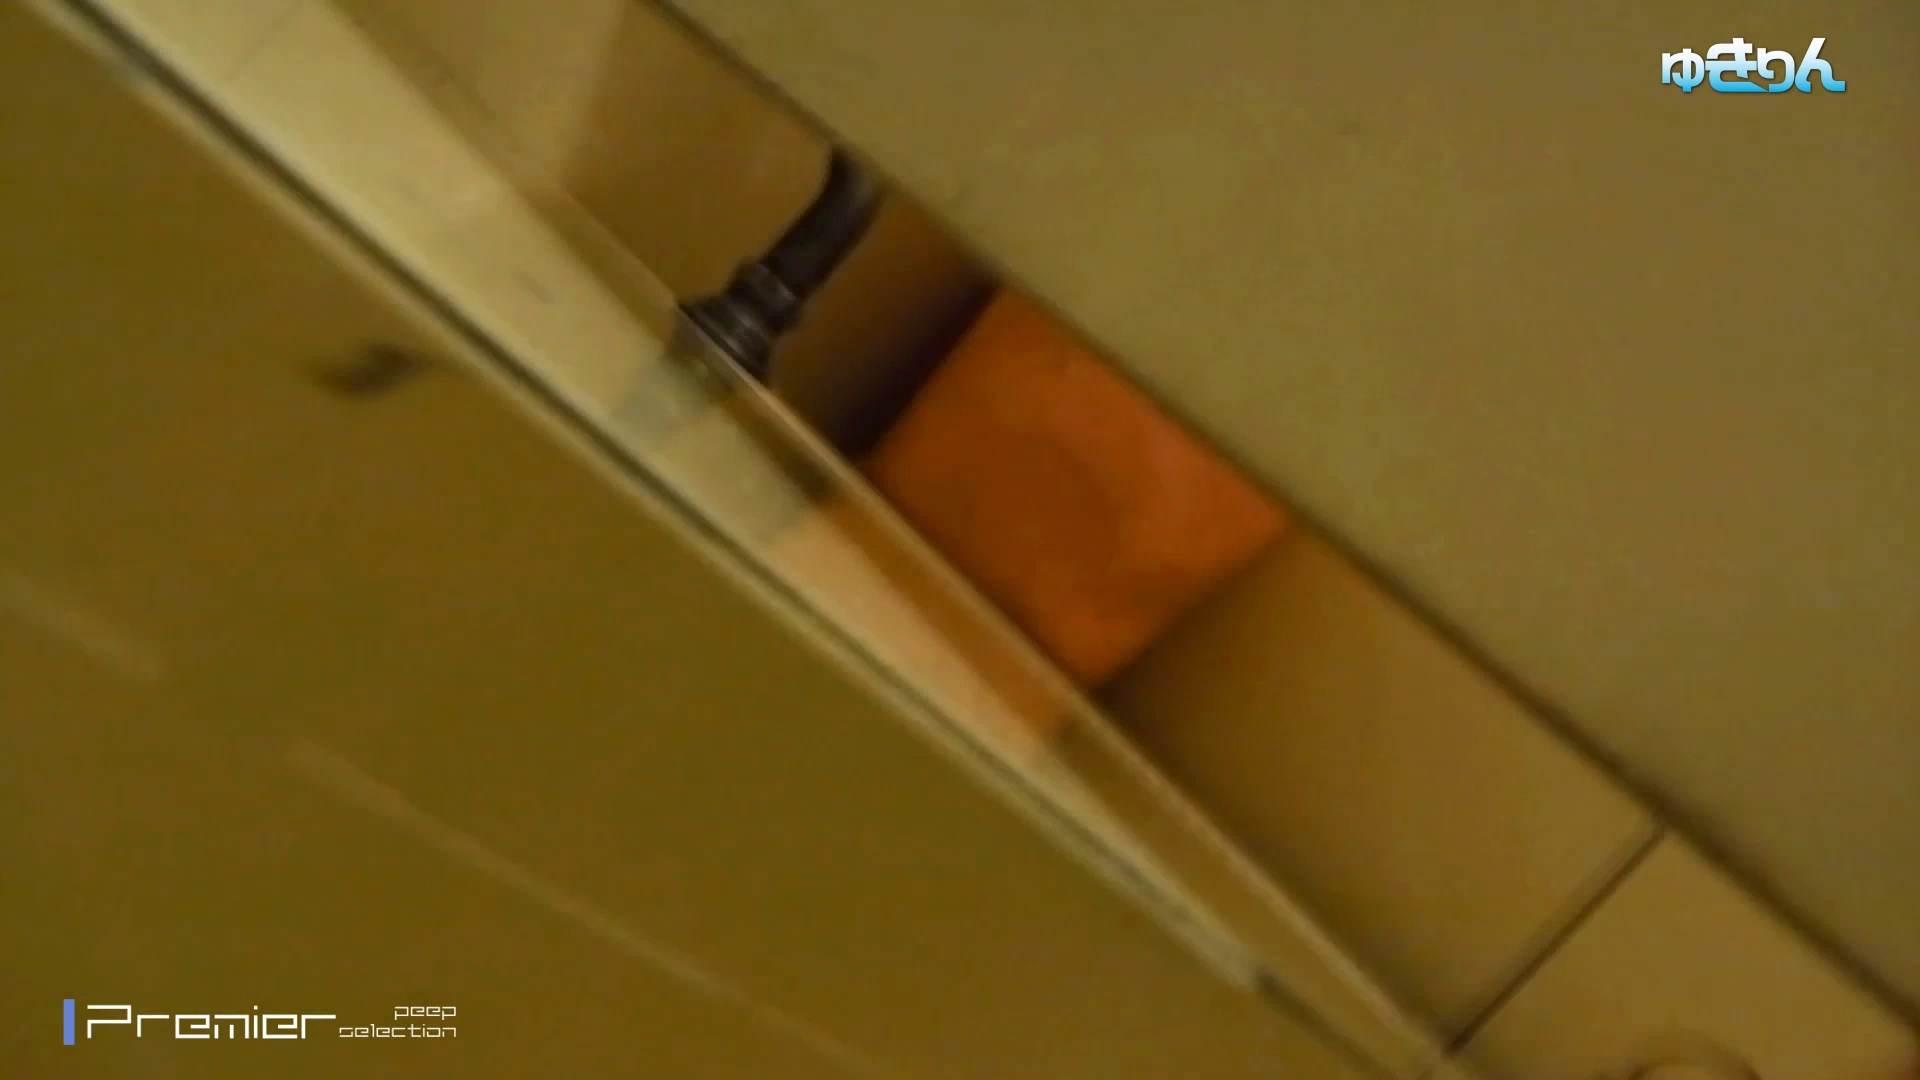 新世界の射窓 No89 あの有名のショーに出ているモデルが偶然に利用するという 洗面所 | 0  113画像 13